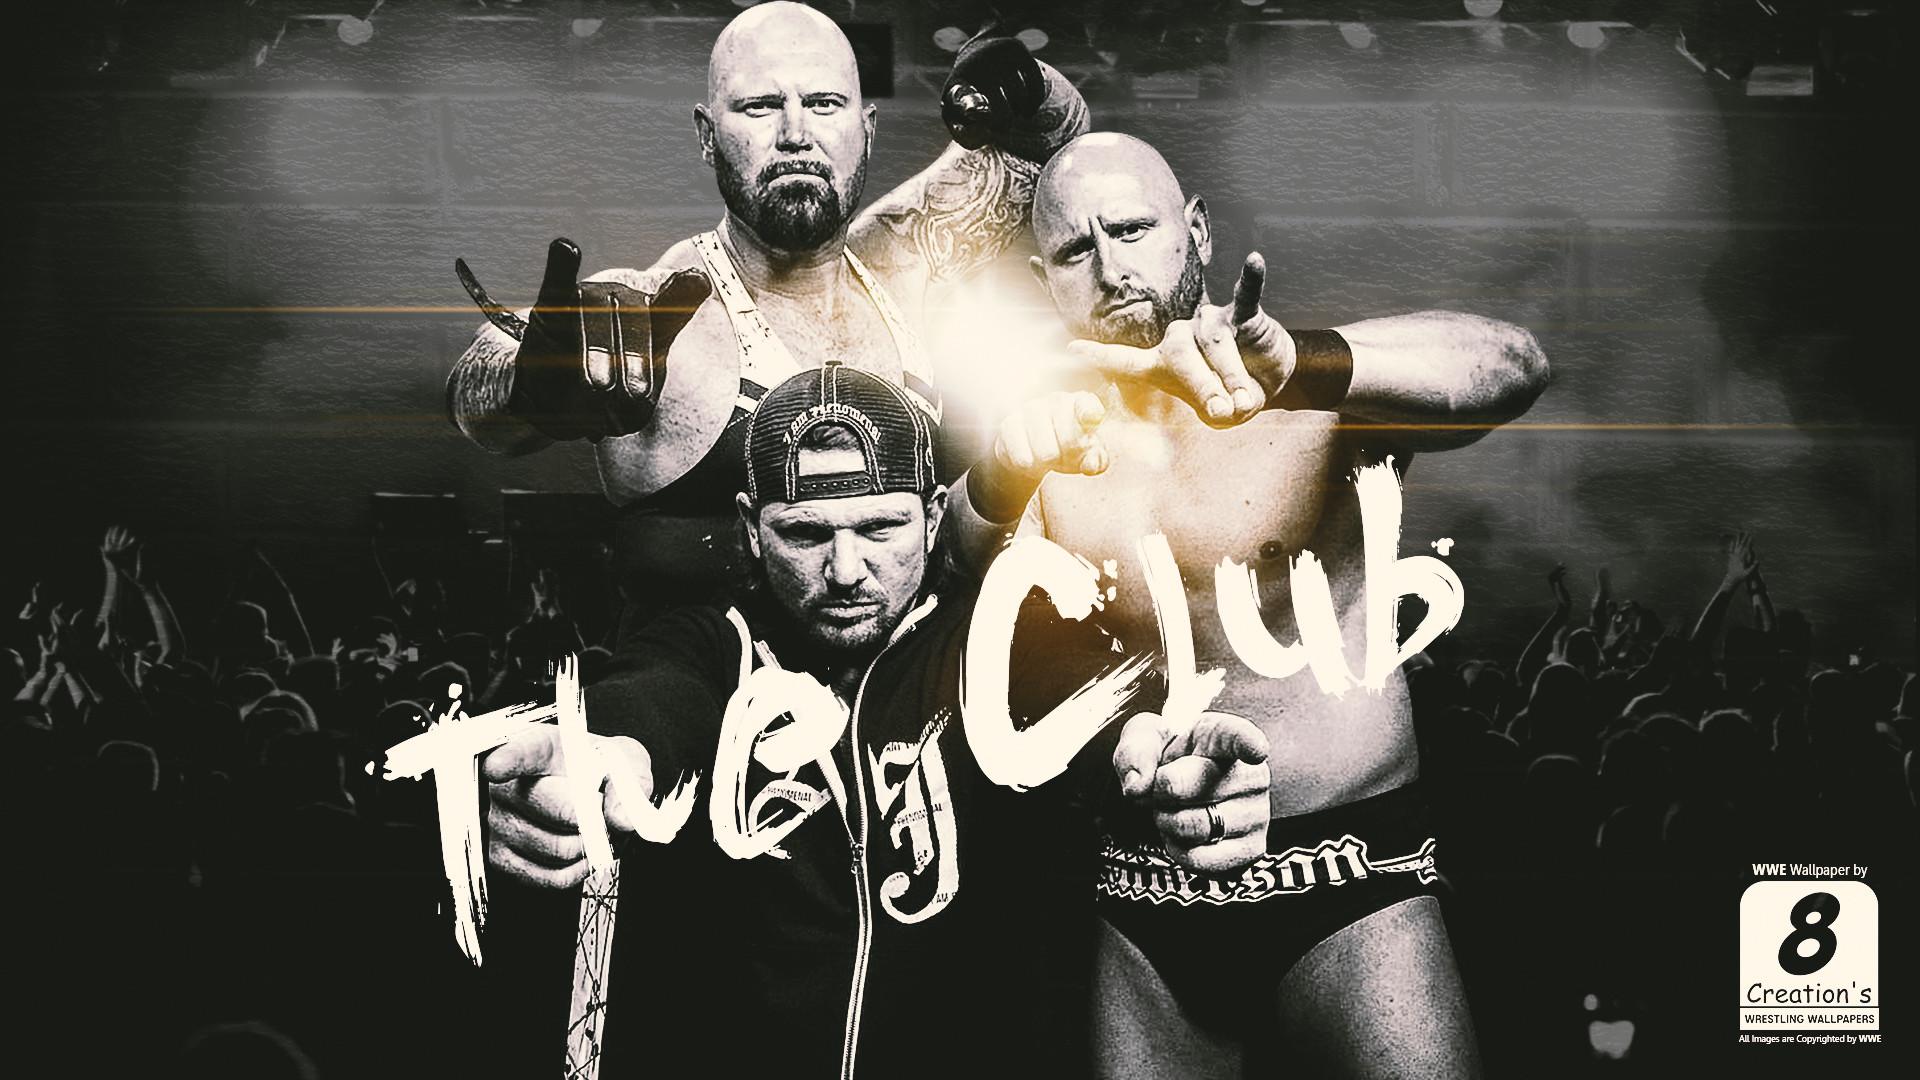 WWE The Club Wallpaper by Arunraj1791 WWE The Club Wallpaper by Arunraj1791